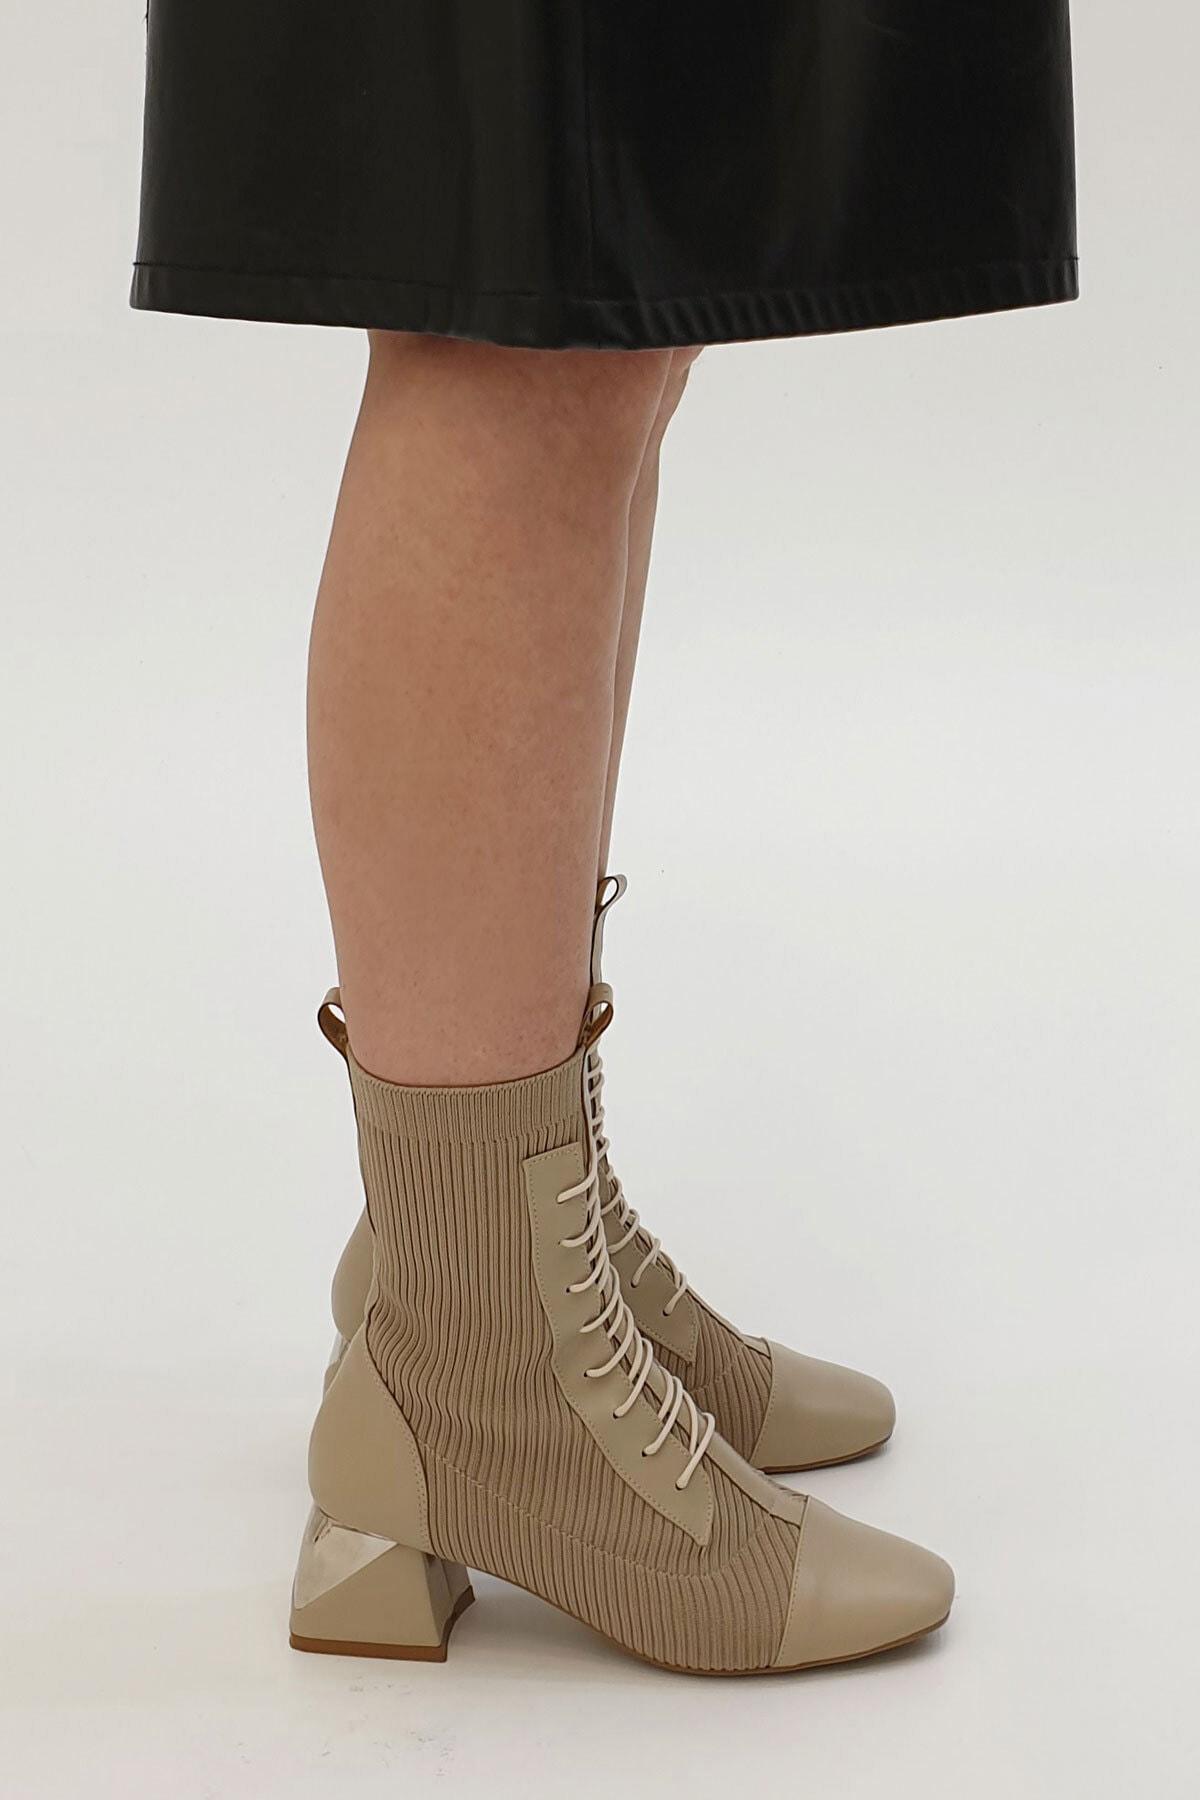 Marjin Larin Kadın Çorap Topuklu Botvizon 1